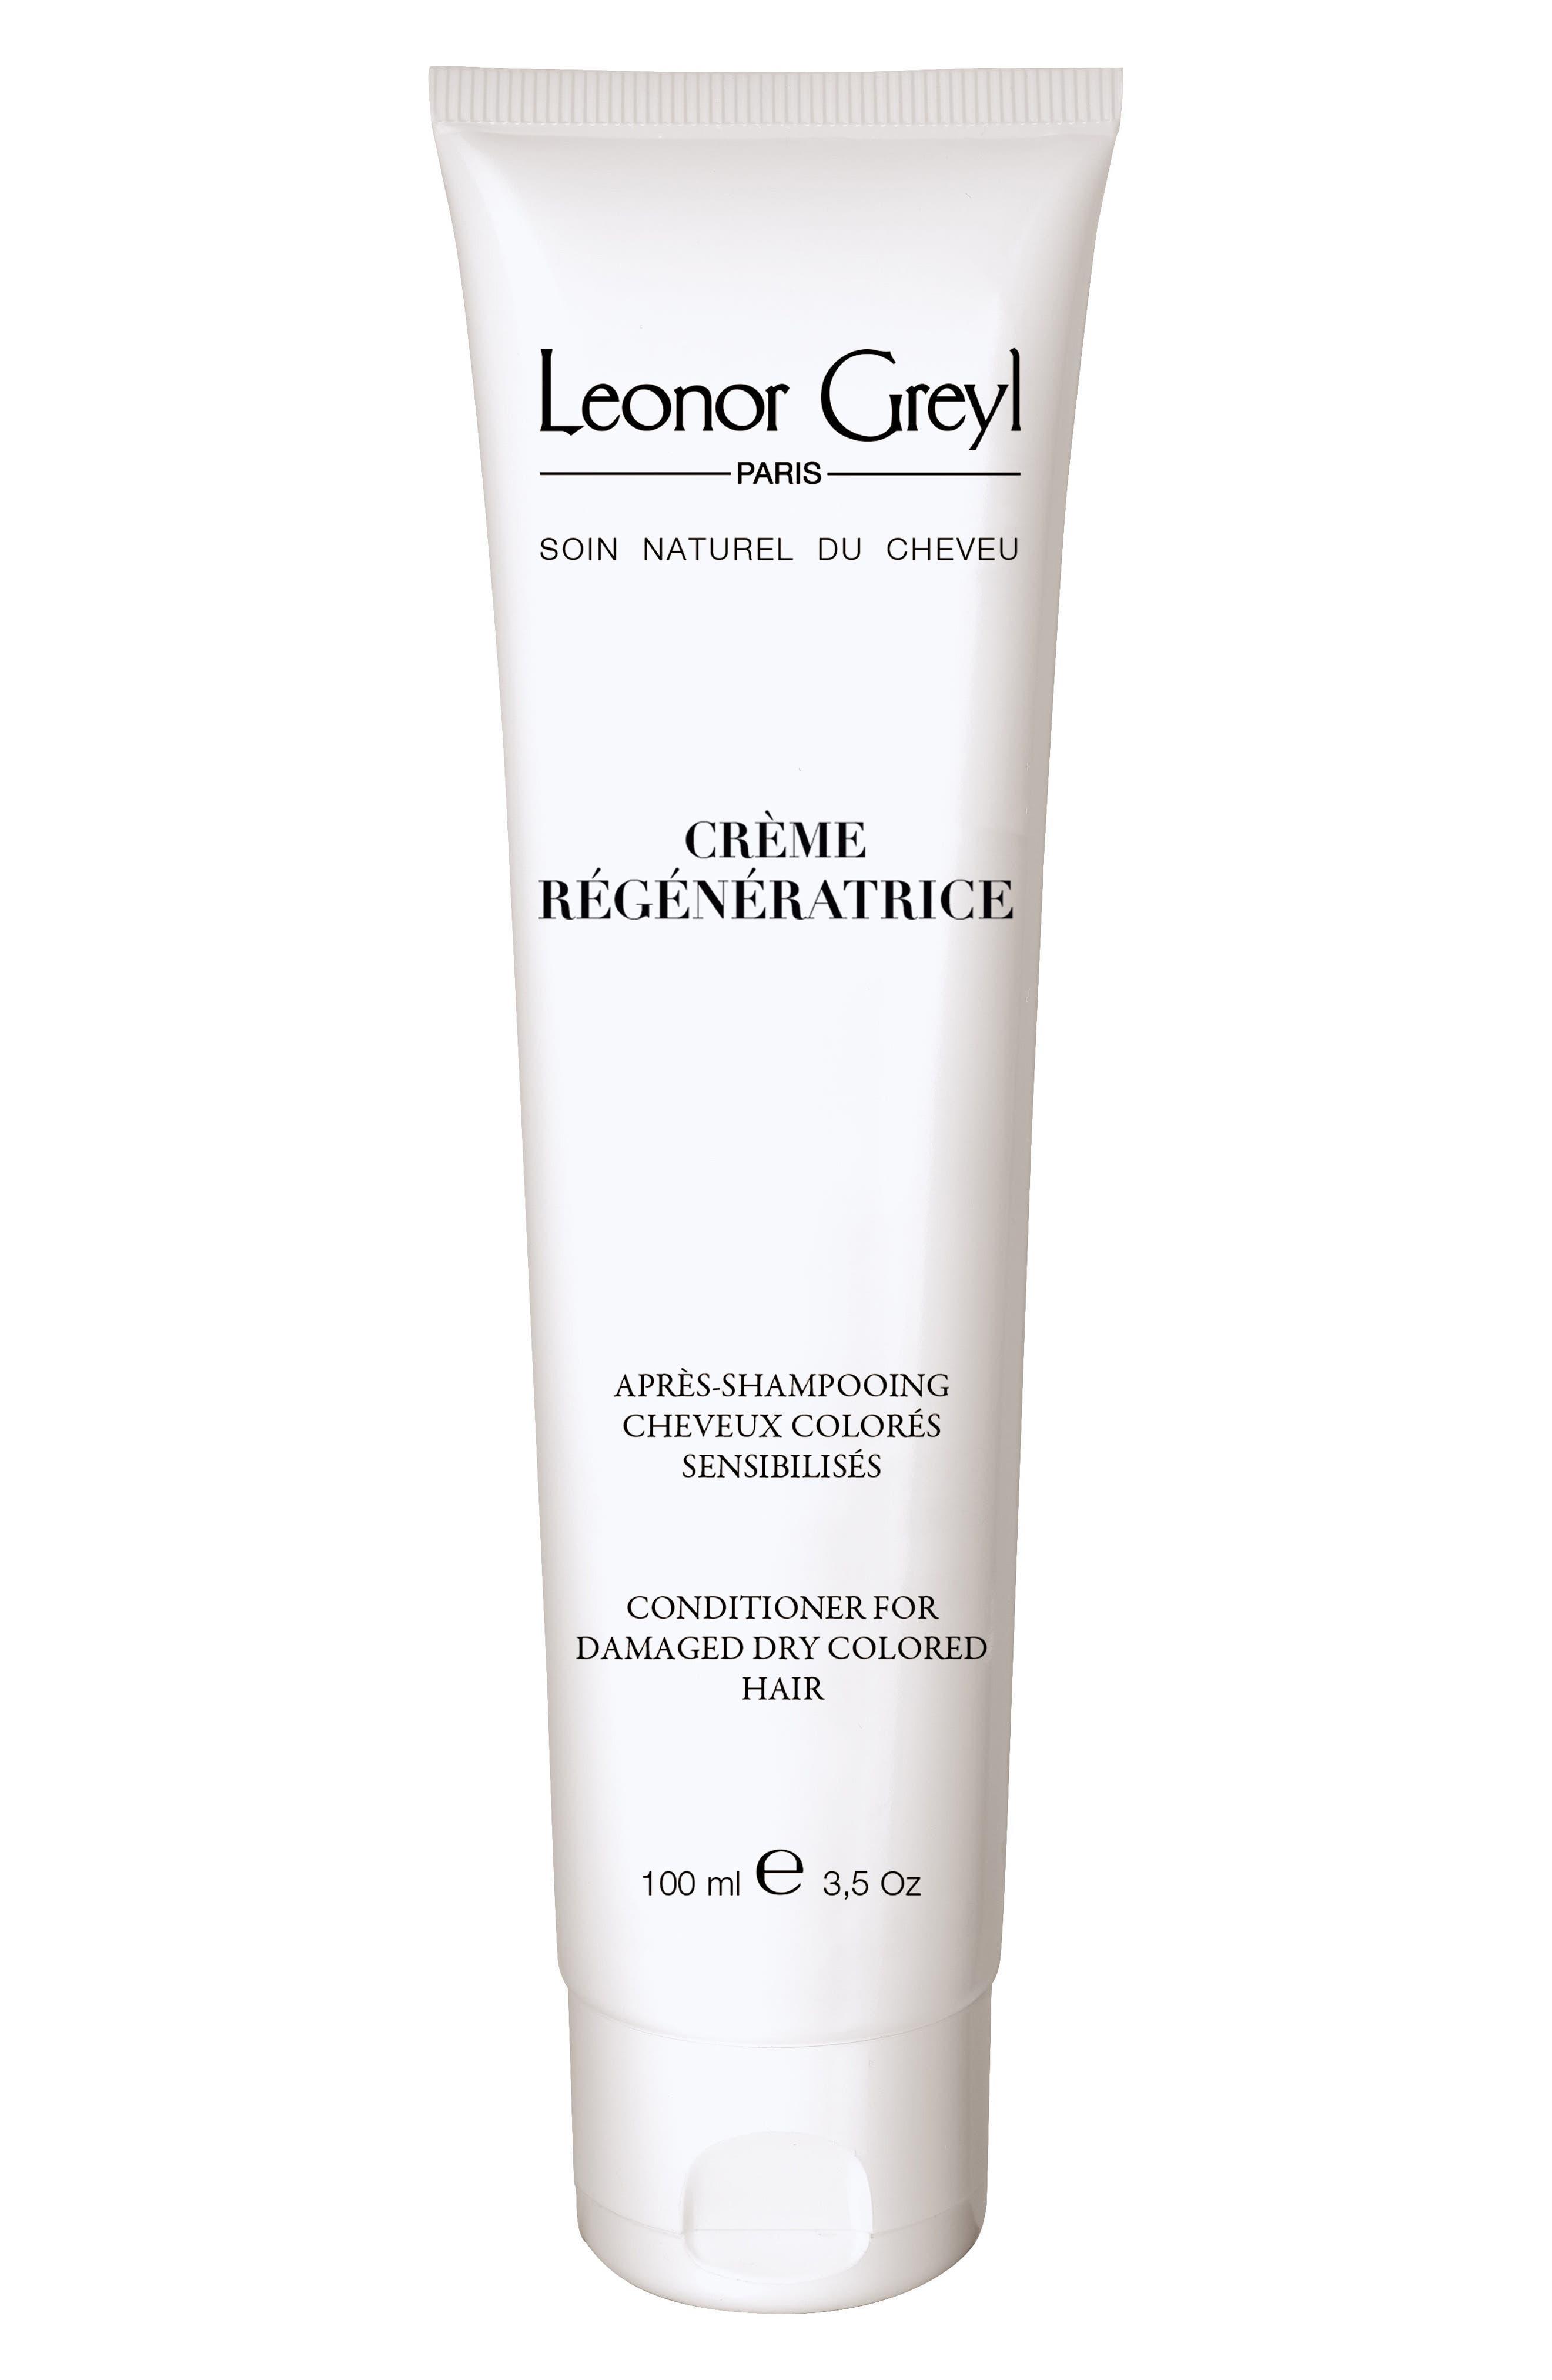 LEONOR GREYL PARIS, Crème Régénératrice Conditioning Mask, Main thumbnail 1, color, NO COLOR